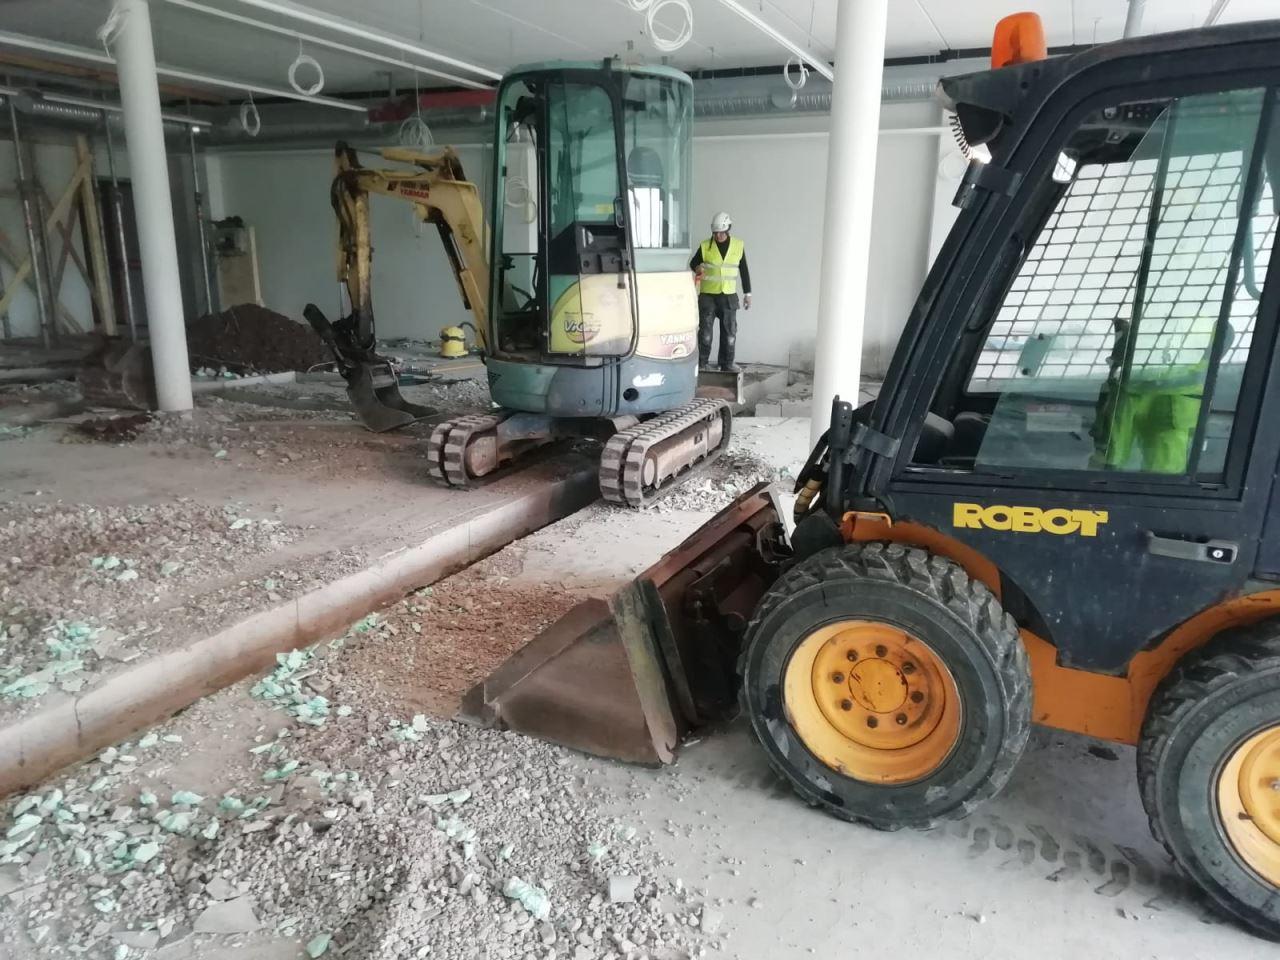 Putkilinjojen kaivuu ja täyttö sisätiloissa